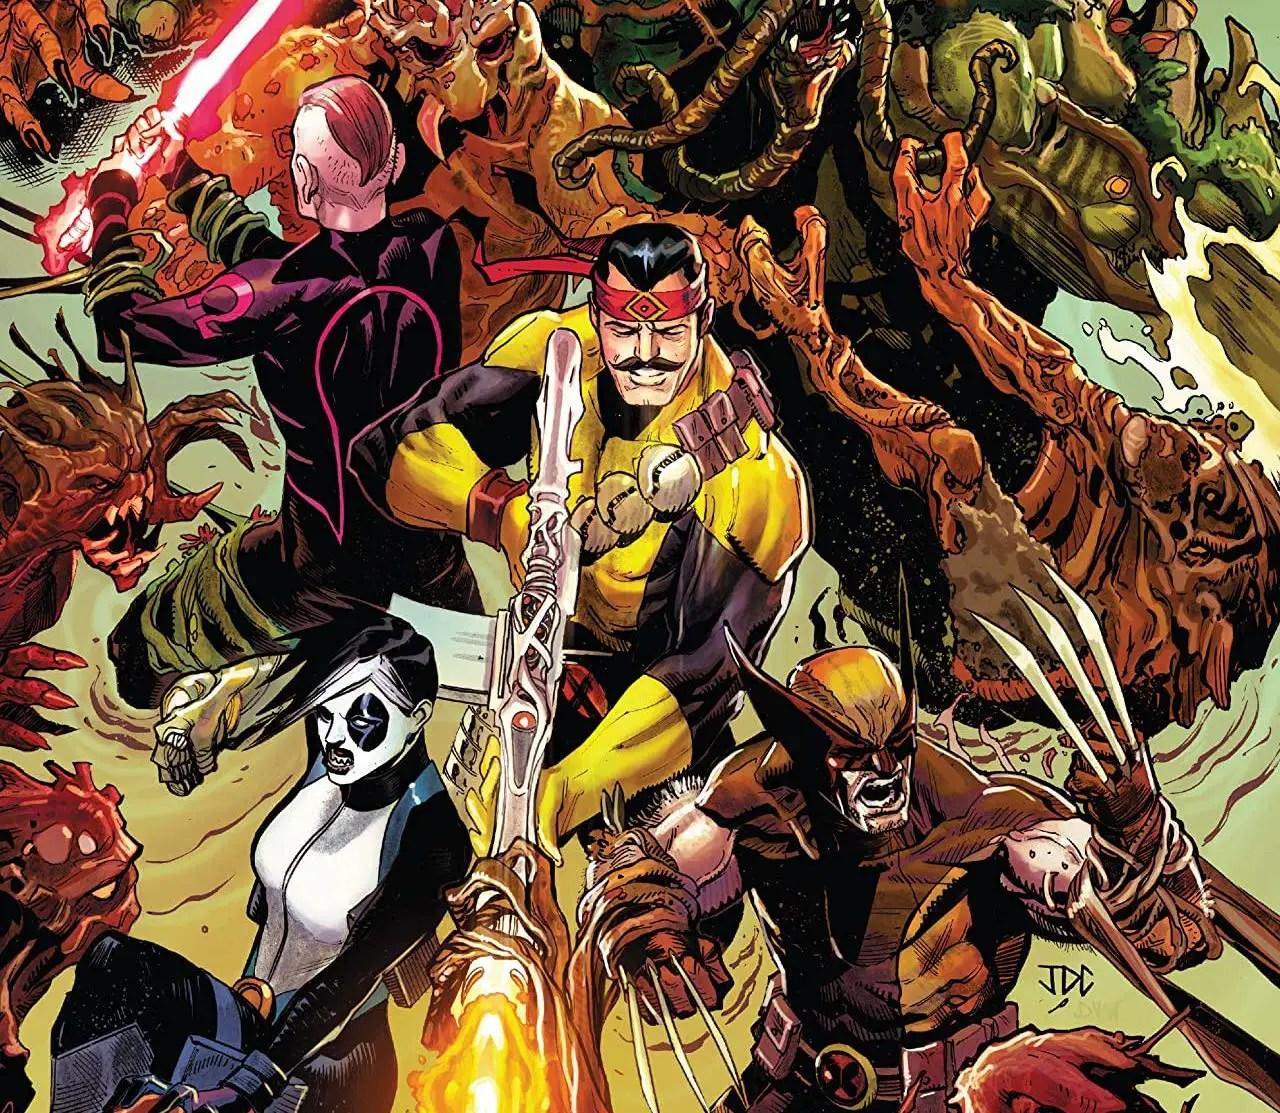 'X-Force' #22 features an all-out war on Krakoa